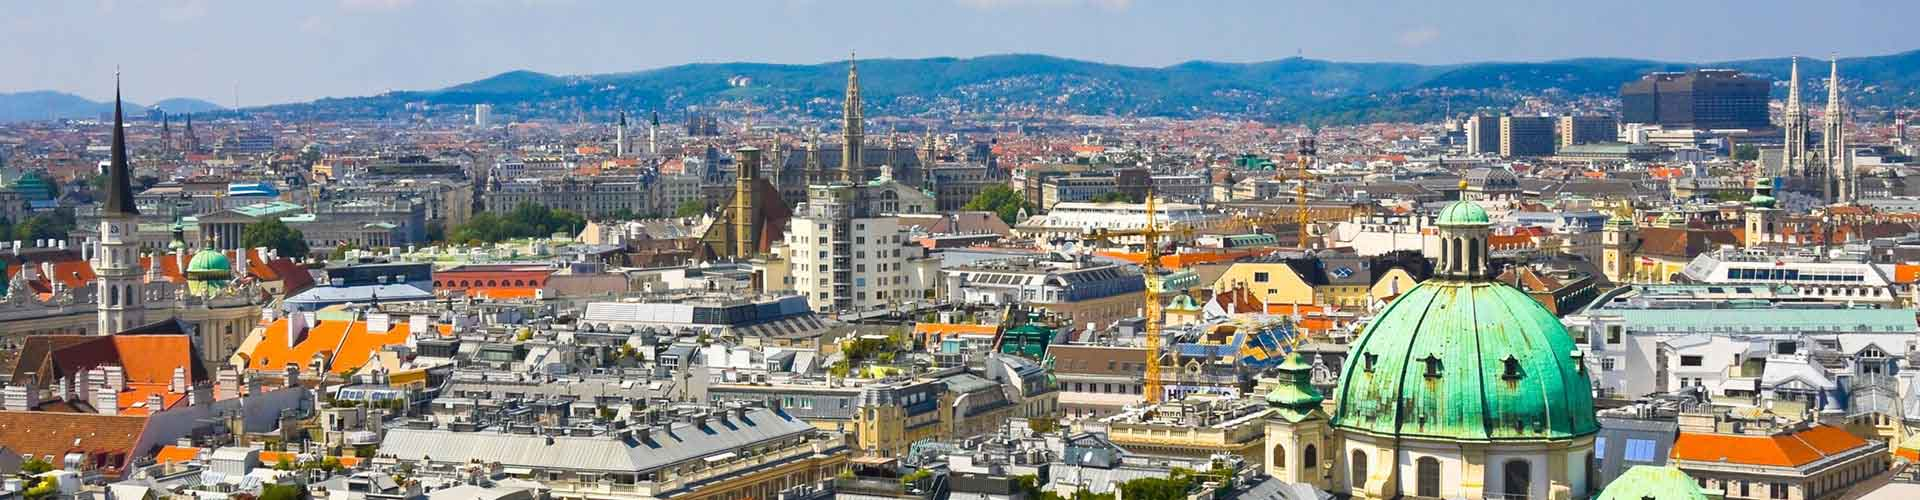 Vienne - Chambres pas chères dans le quartier de Salmannsdorf. Cartes pour Vienne, photos et commentaires pour chaque chambre à Vienne.